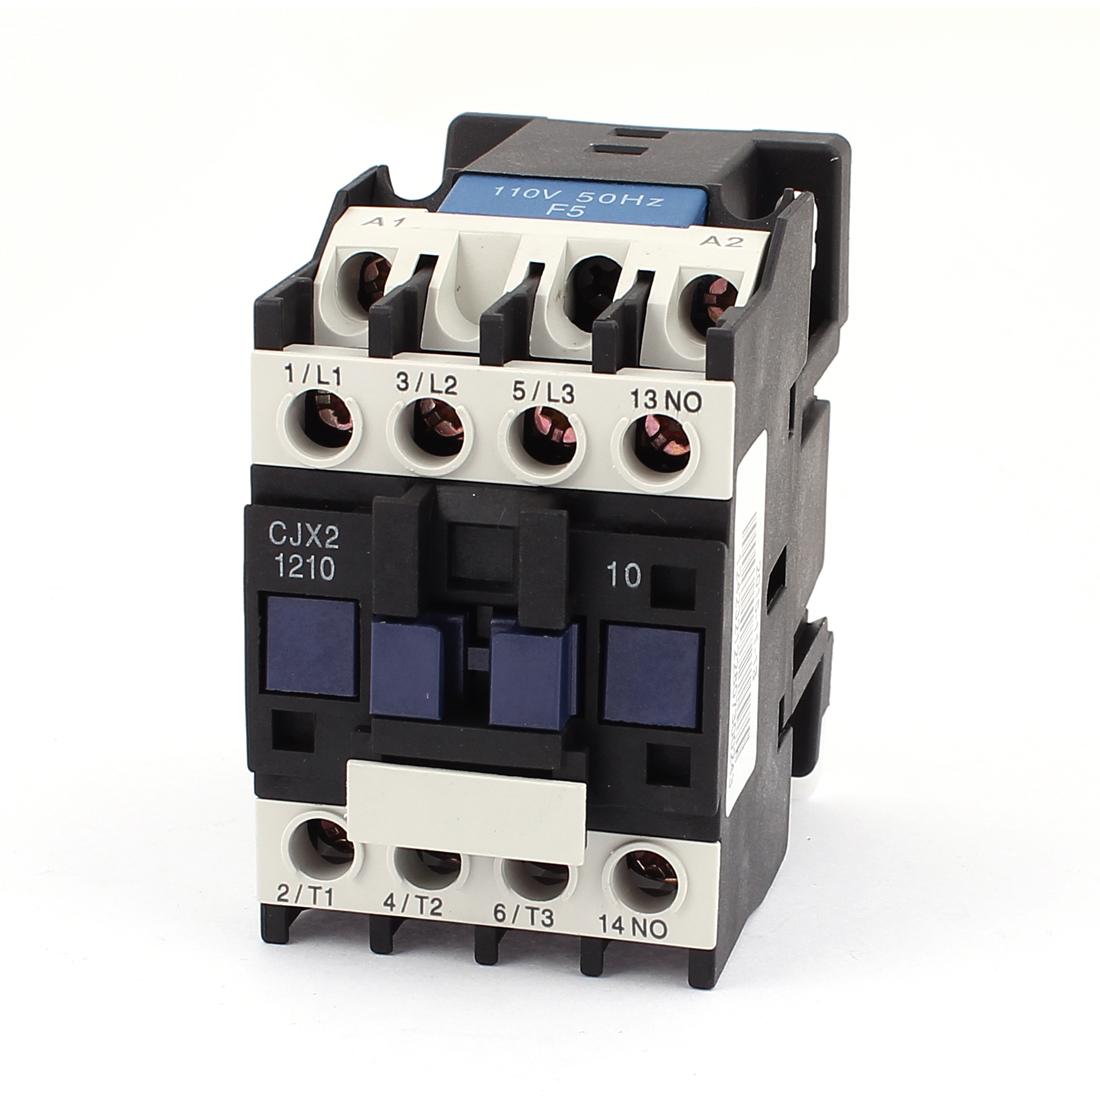 CJX2-12 Air Condition General Purpose 110-120V/110-130V Coil 20A 3P+NO AC Contactor